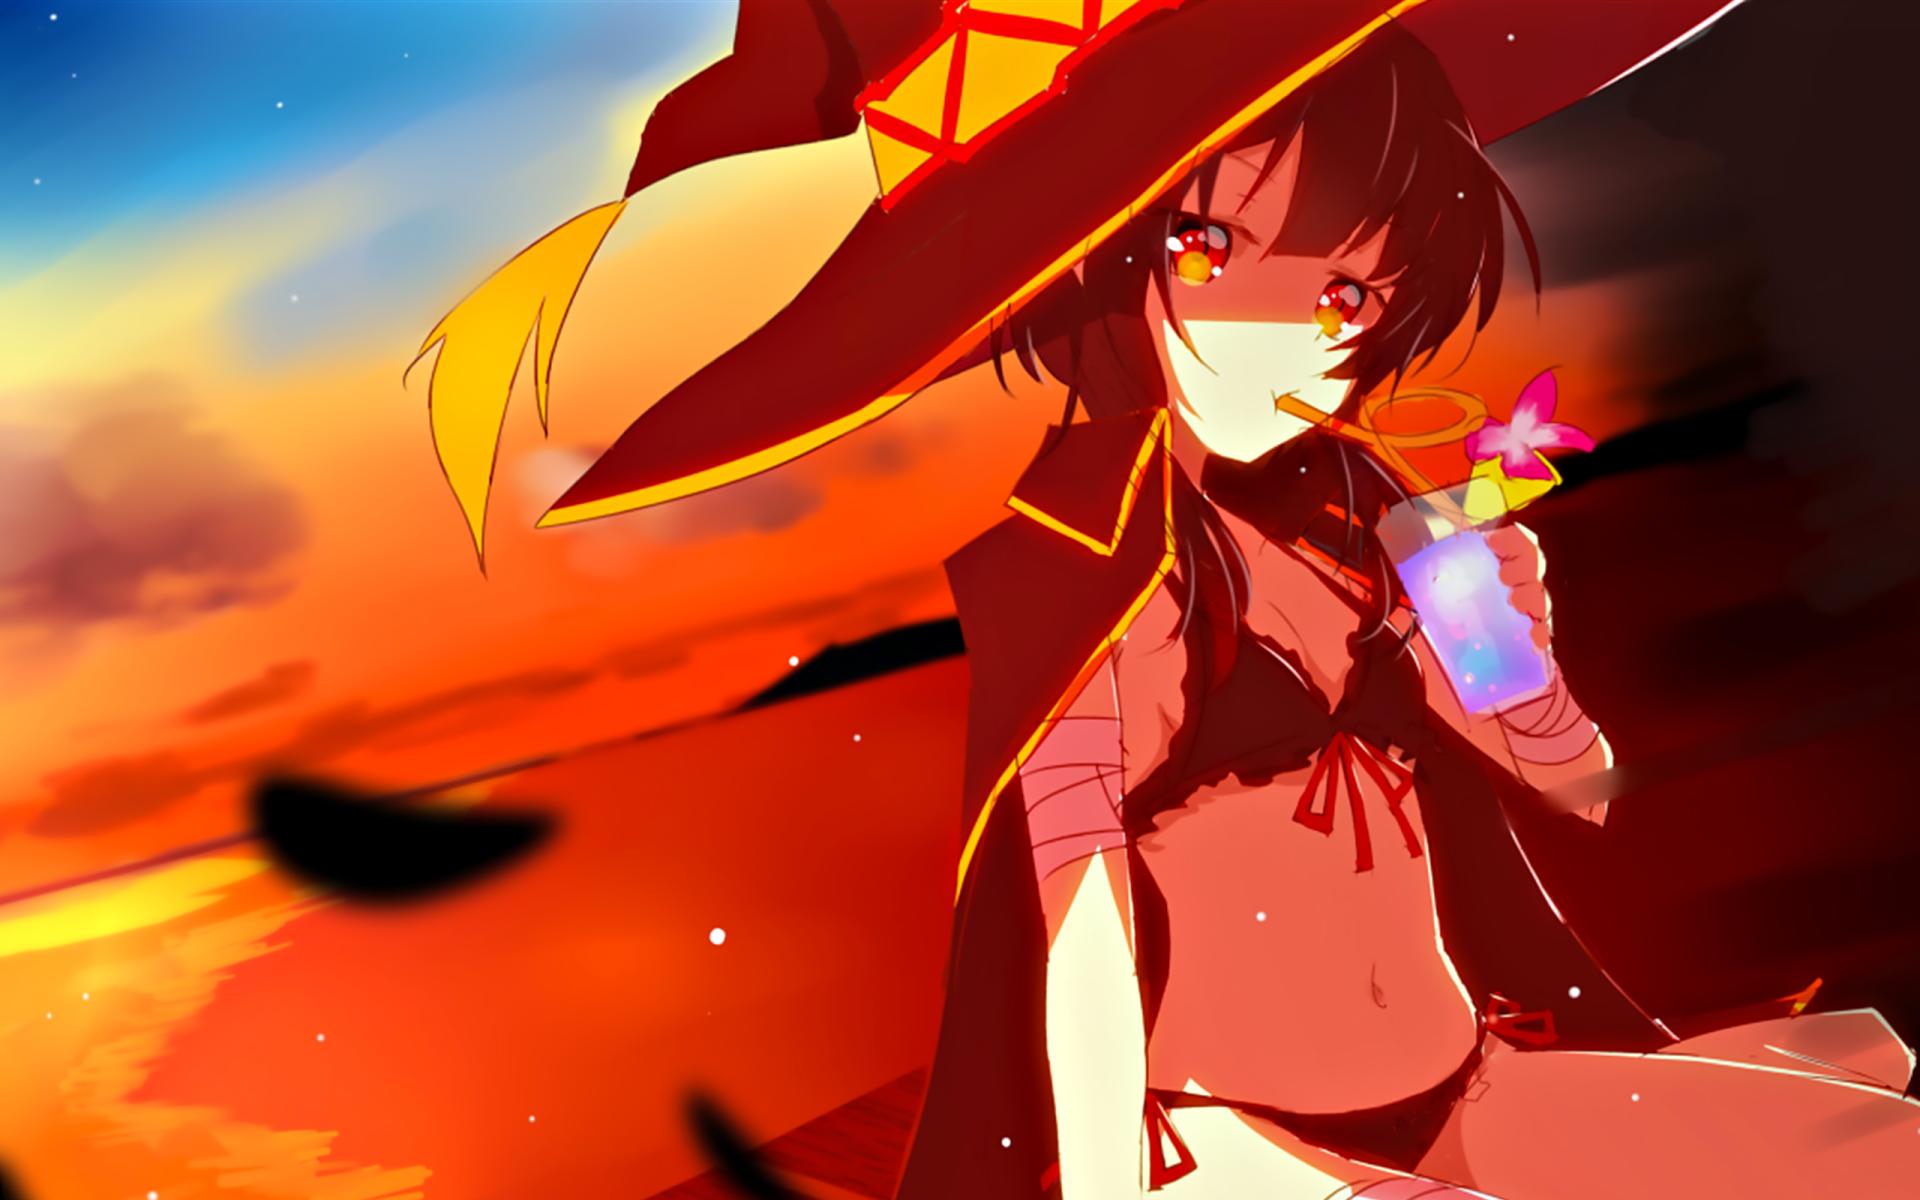 Anime Girls Beach Wallpaper HD 1920 x 1080 4k